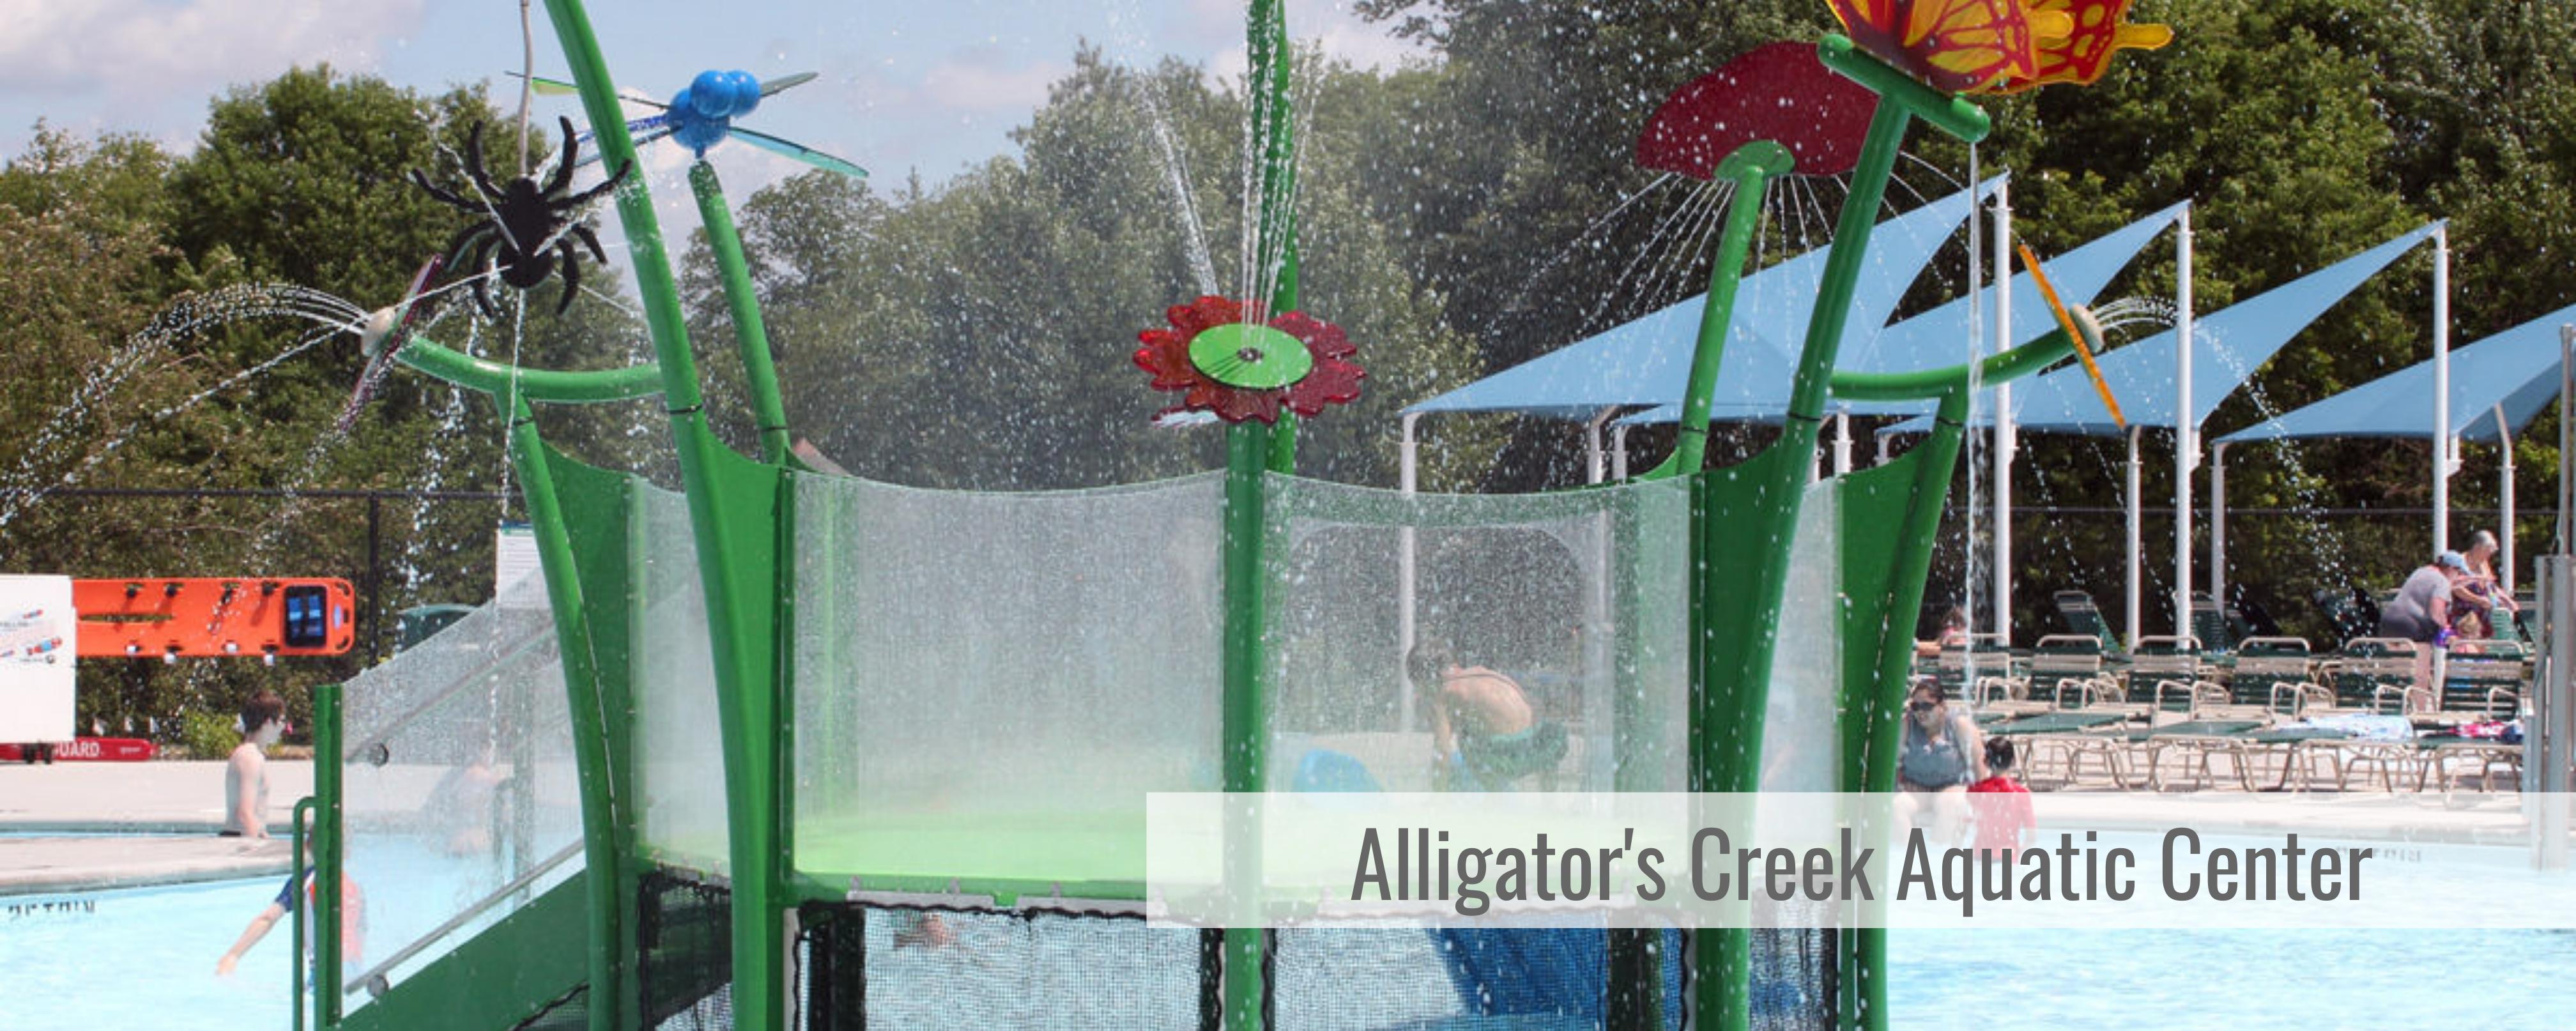 Alligator's Creek Aquatic Center